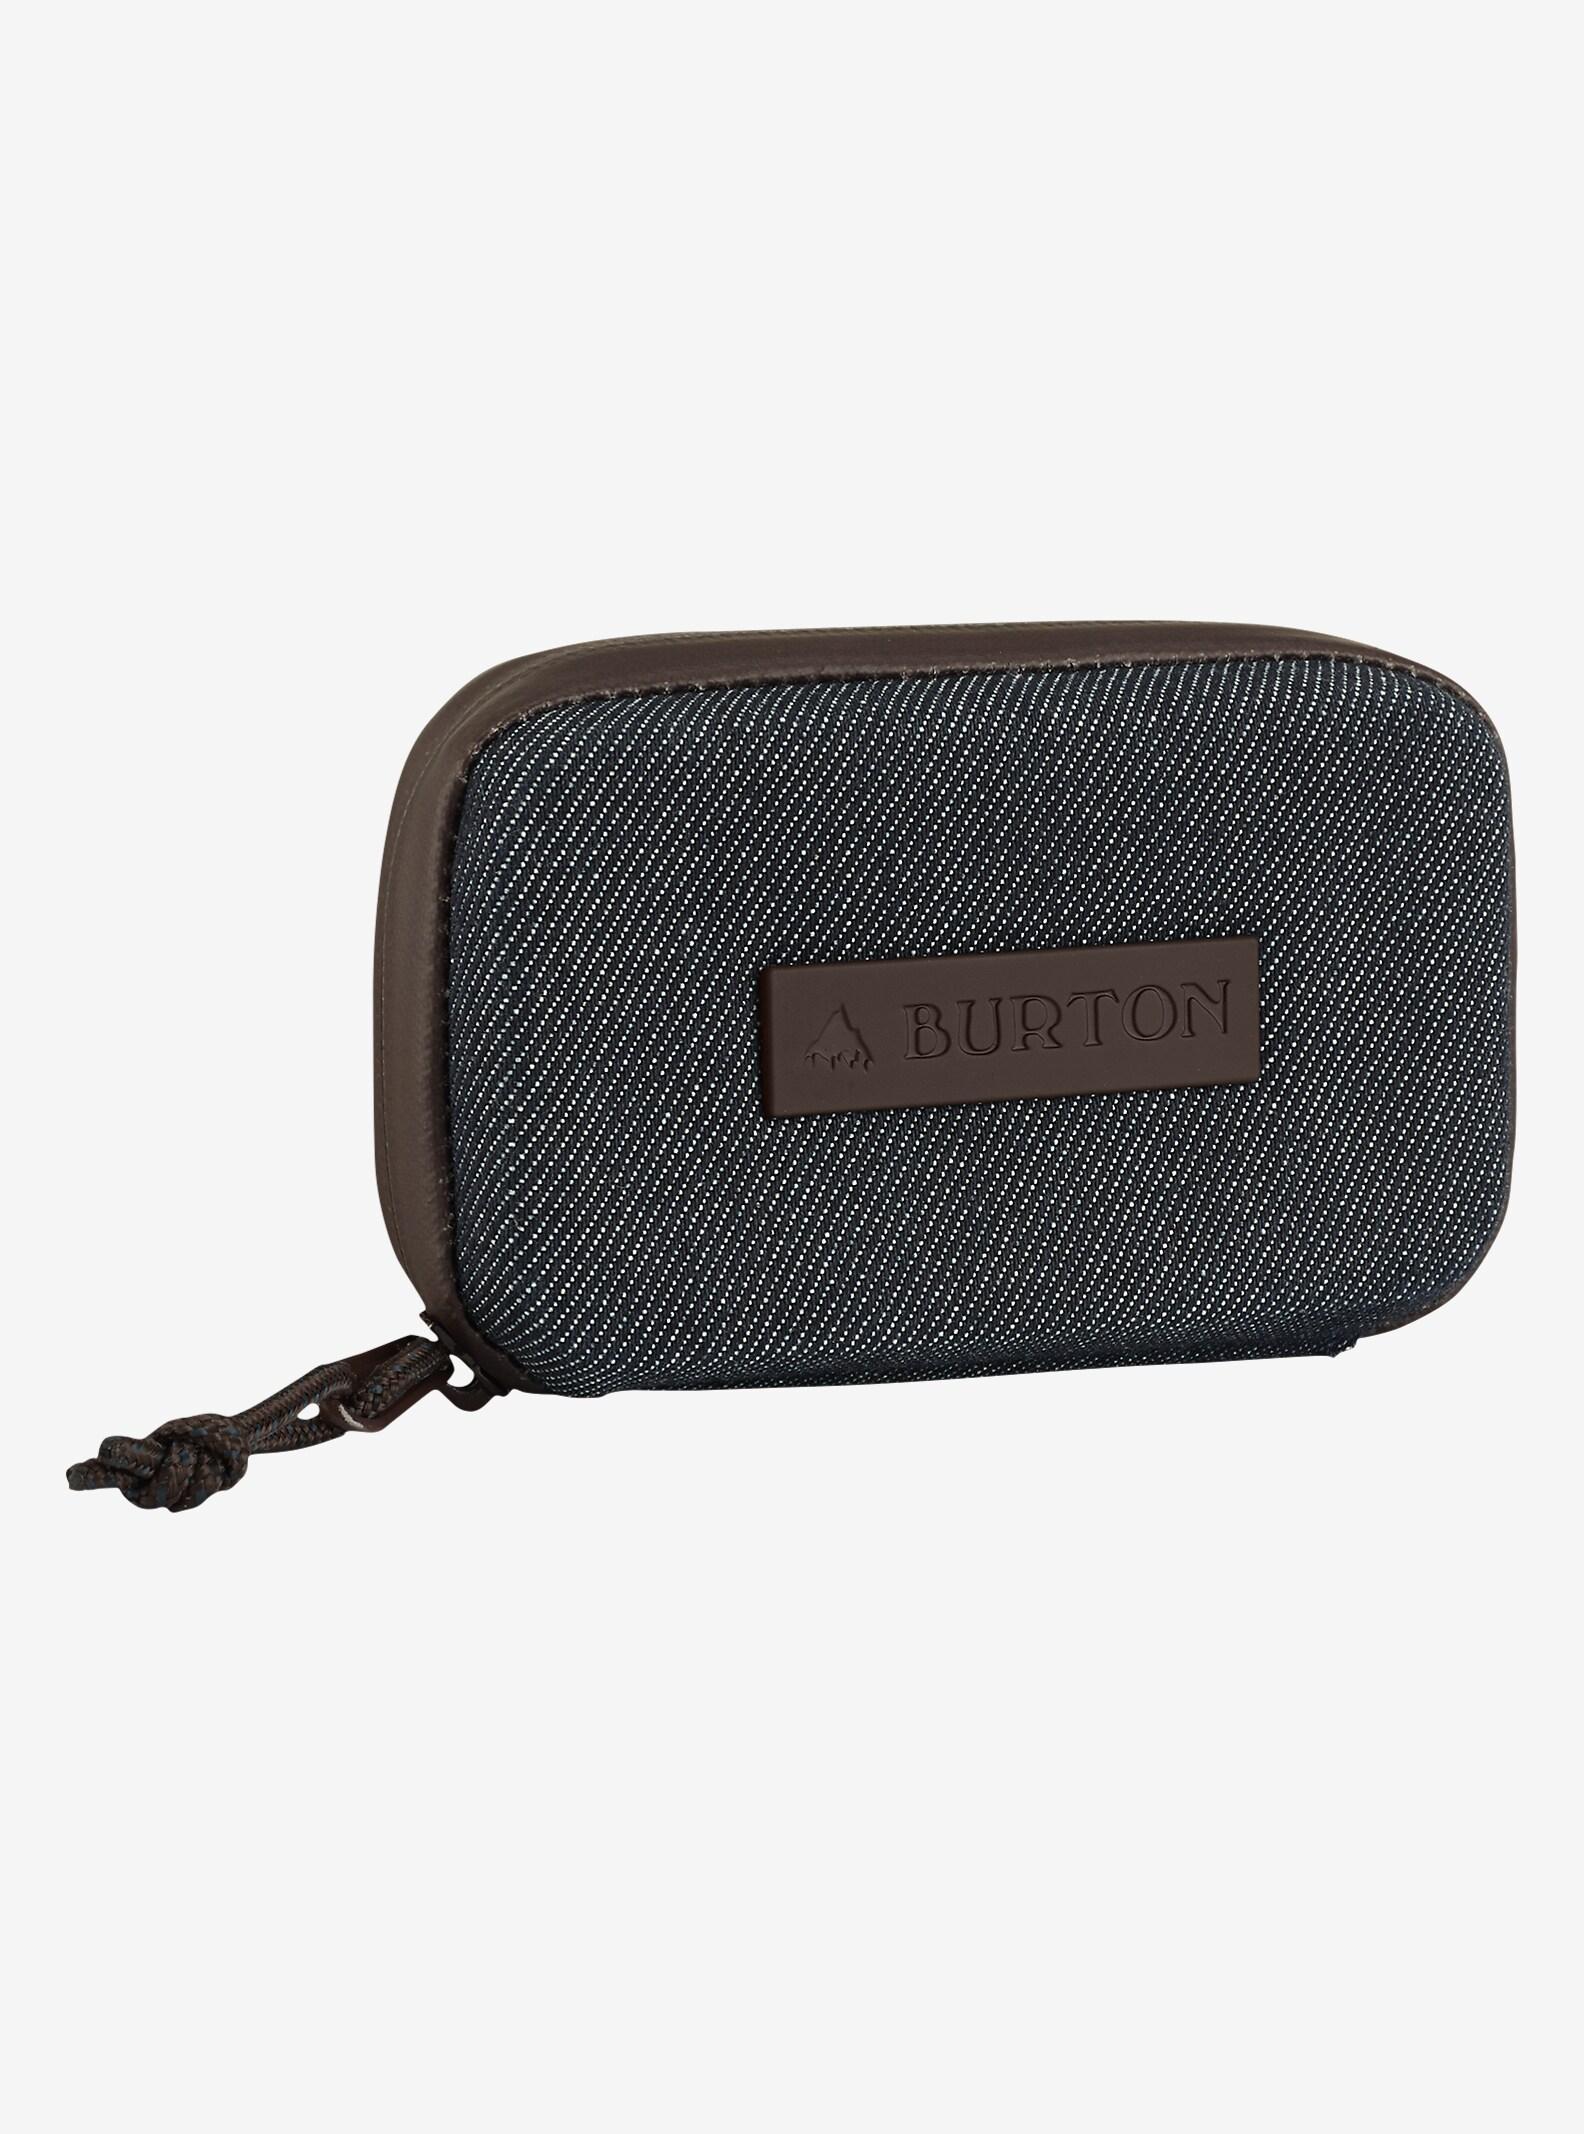 Burton The Kit 2.0 shown in Denim